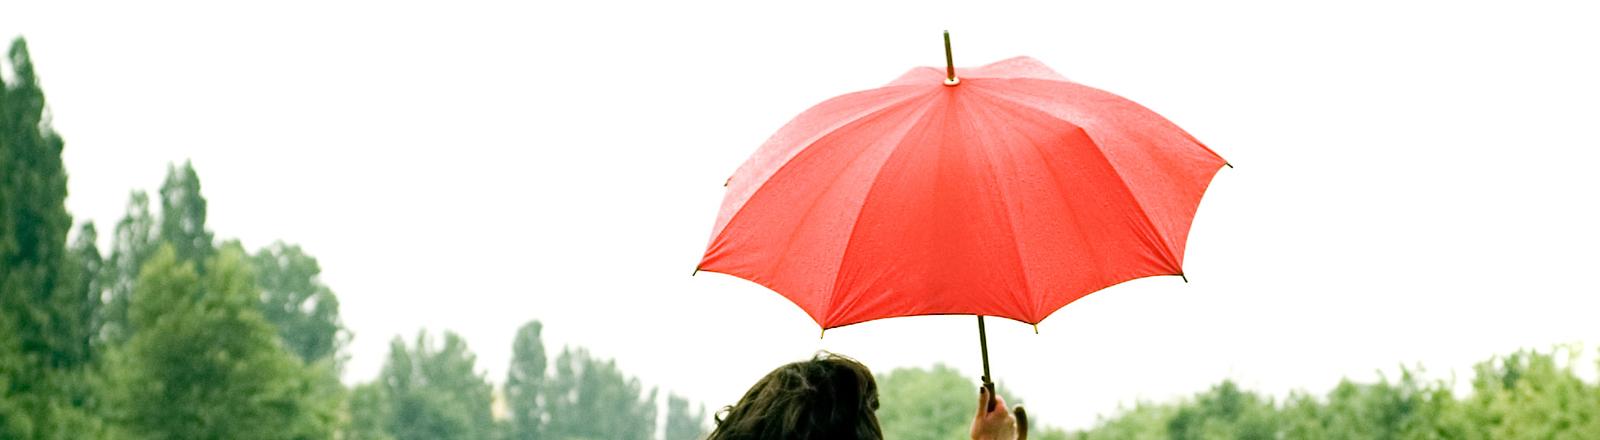 Frau mit Regenschirm in der hand